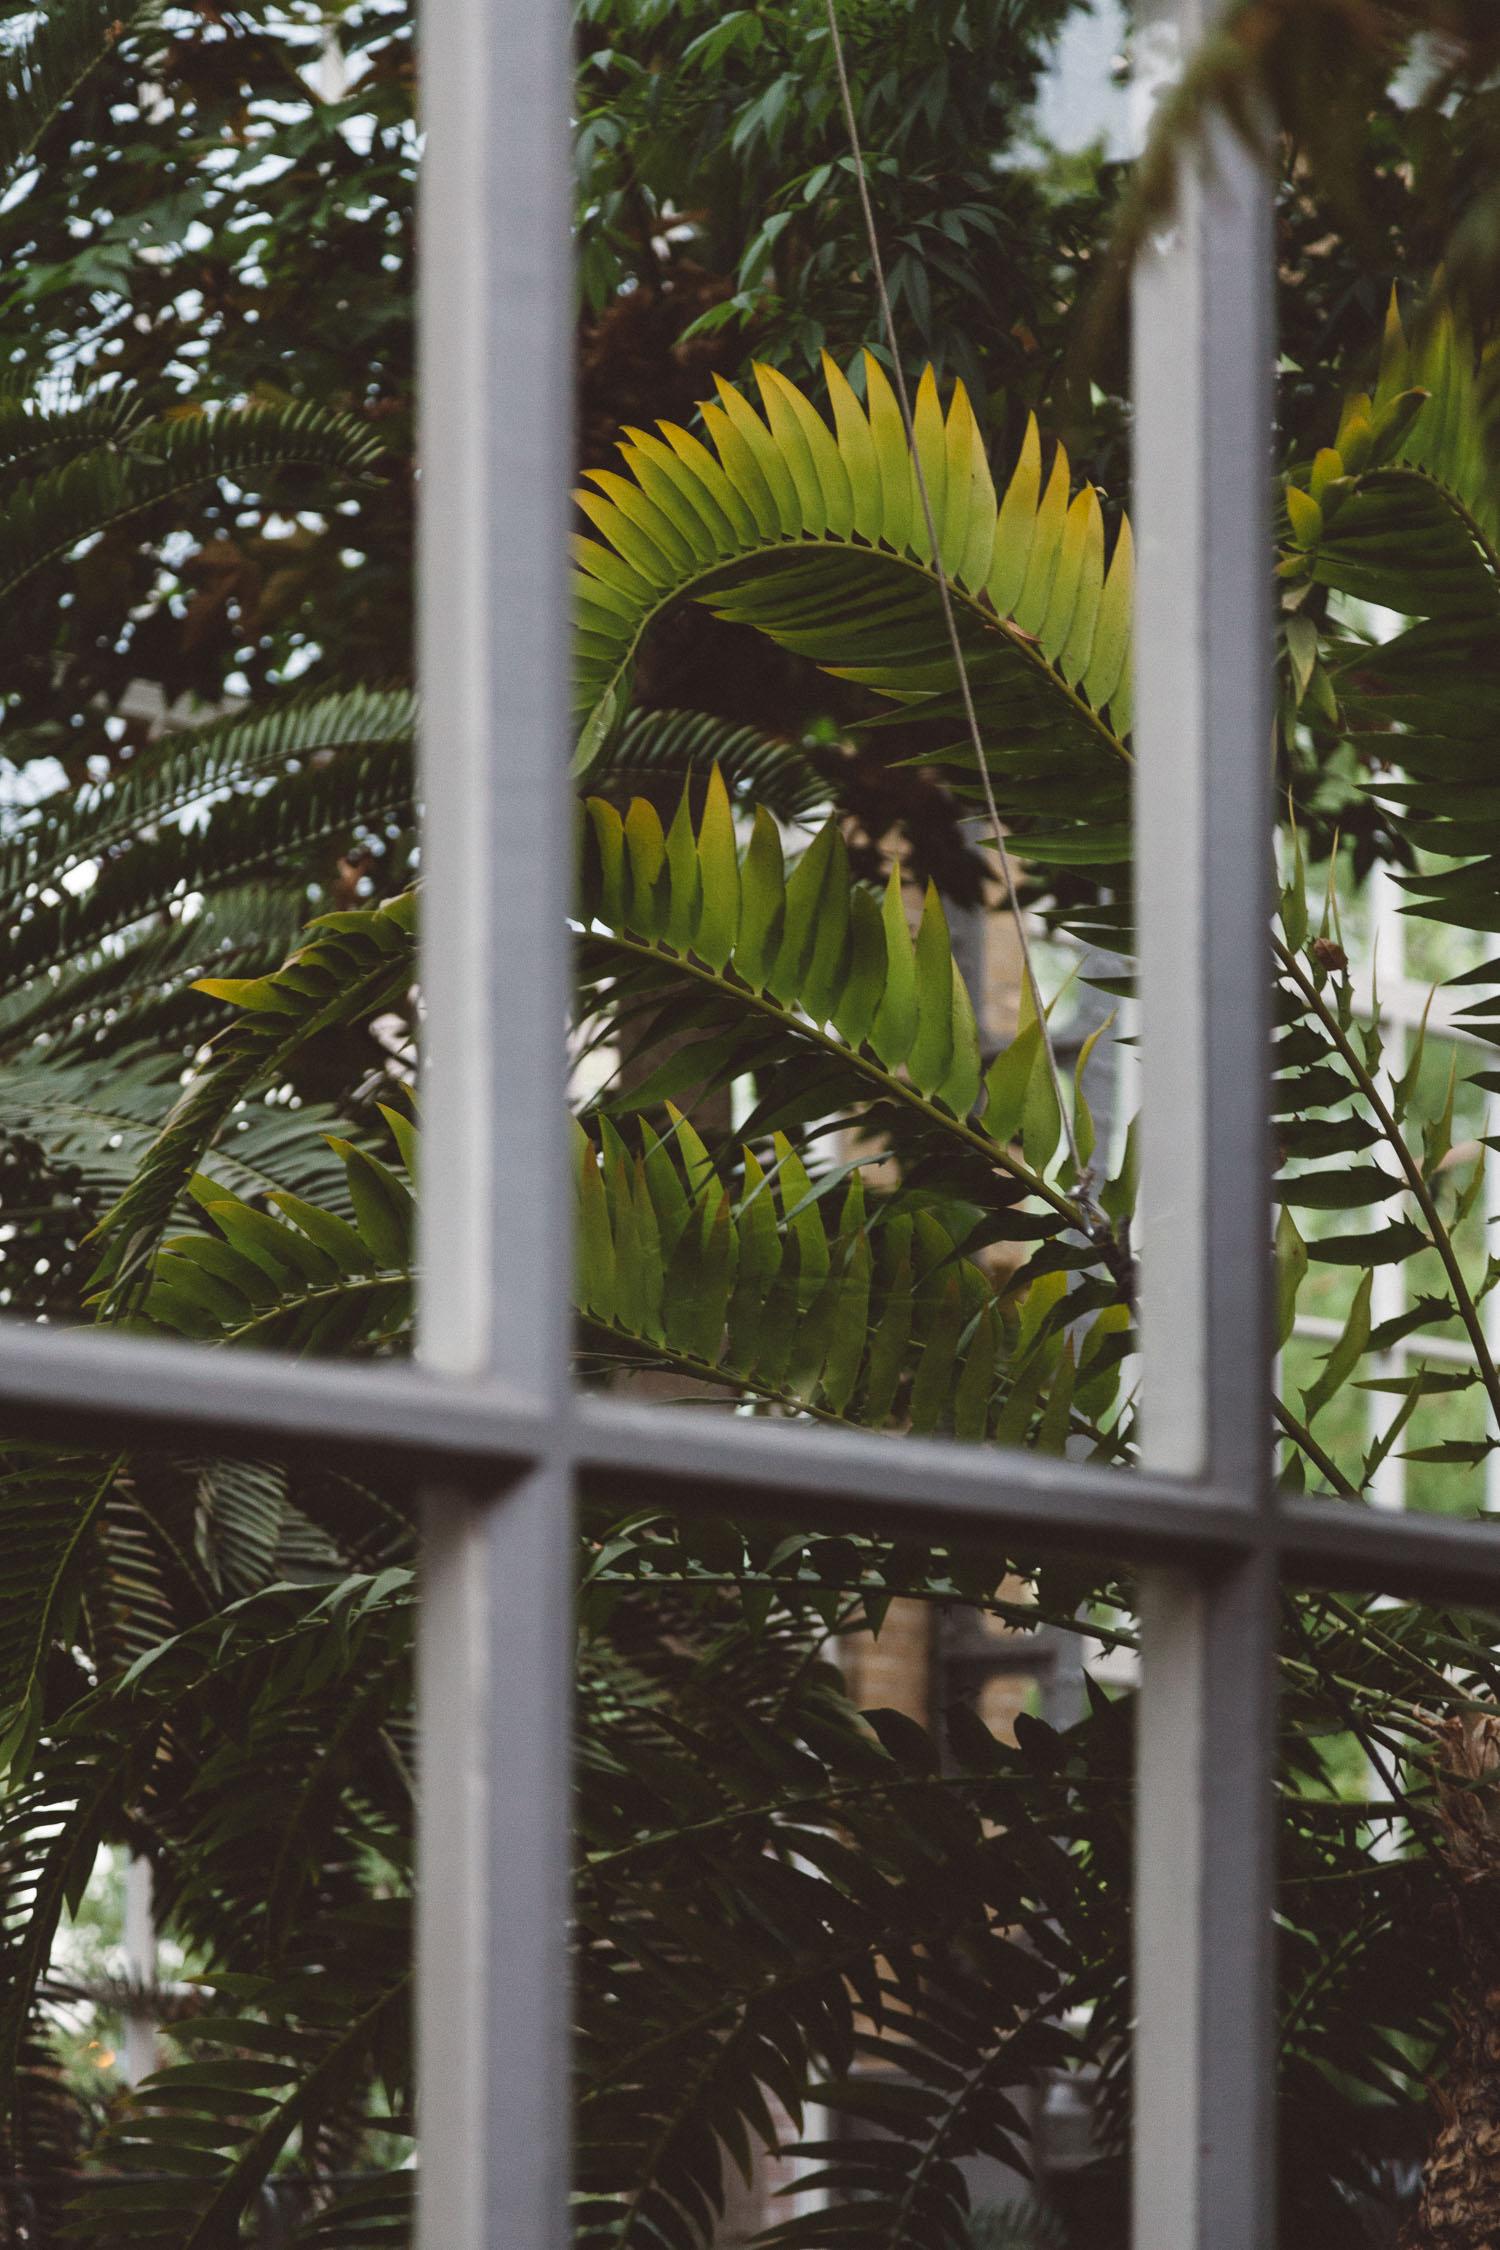 Wedding-Bethan-and-Mike-Hortus-Botanicus-photography-On-a-hazy-morning-Amsterdam013.jpg